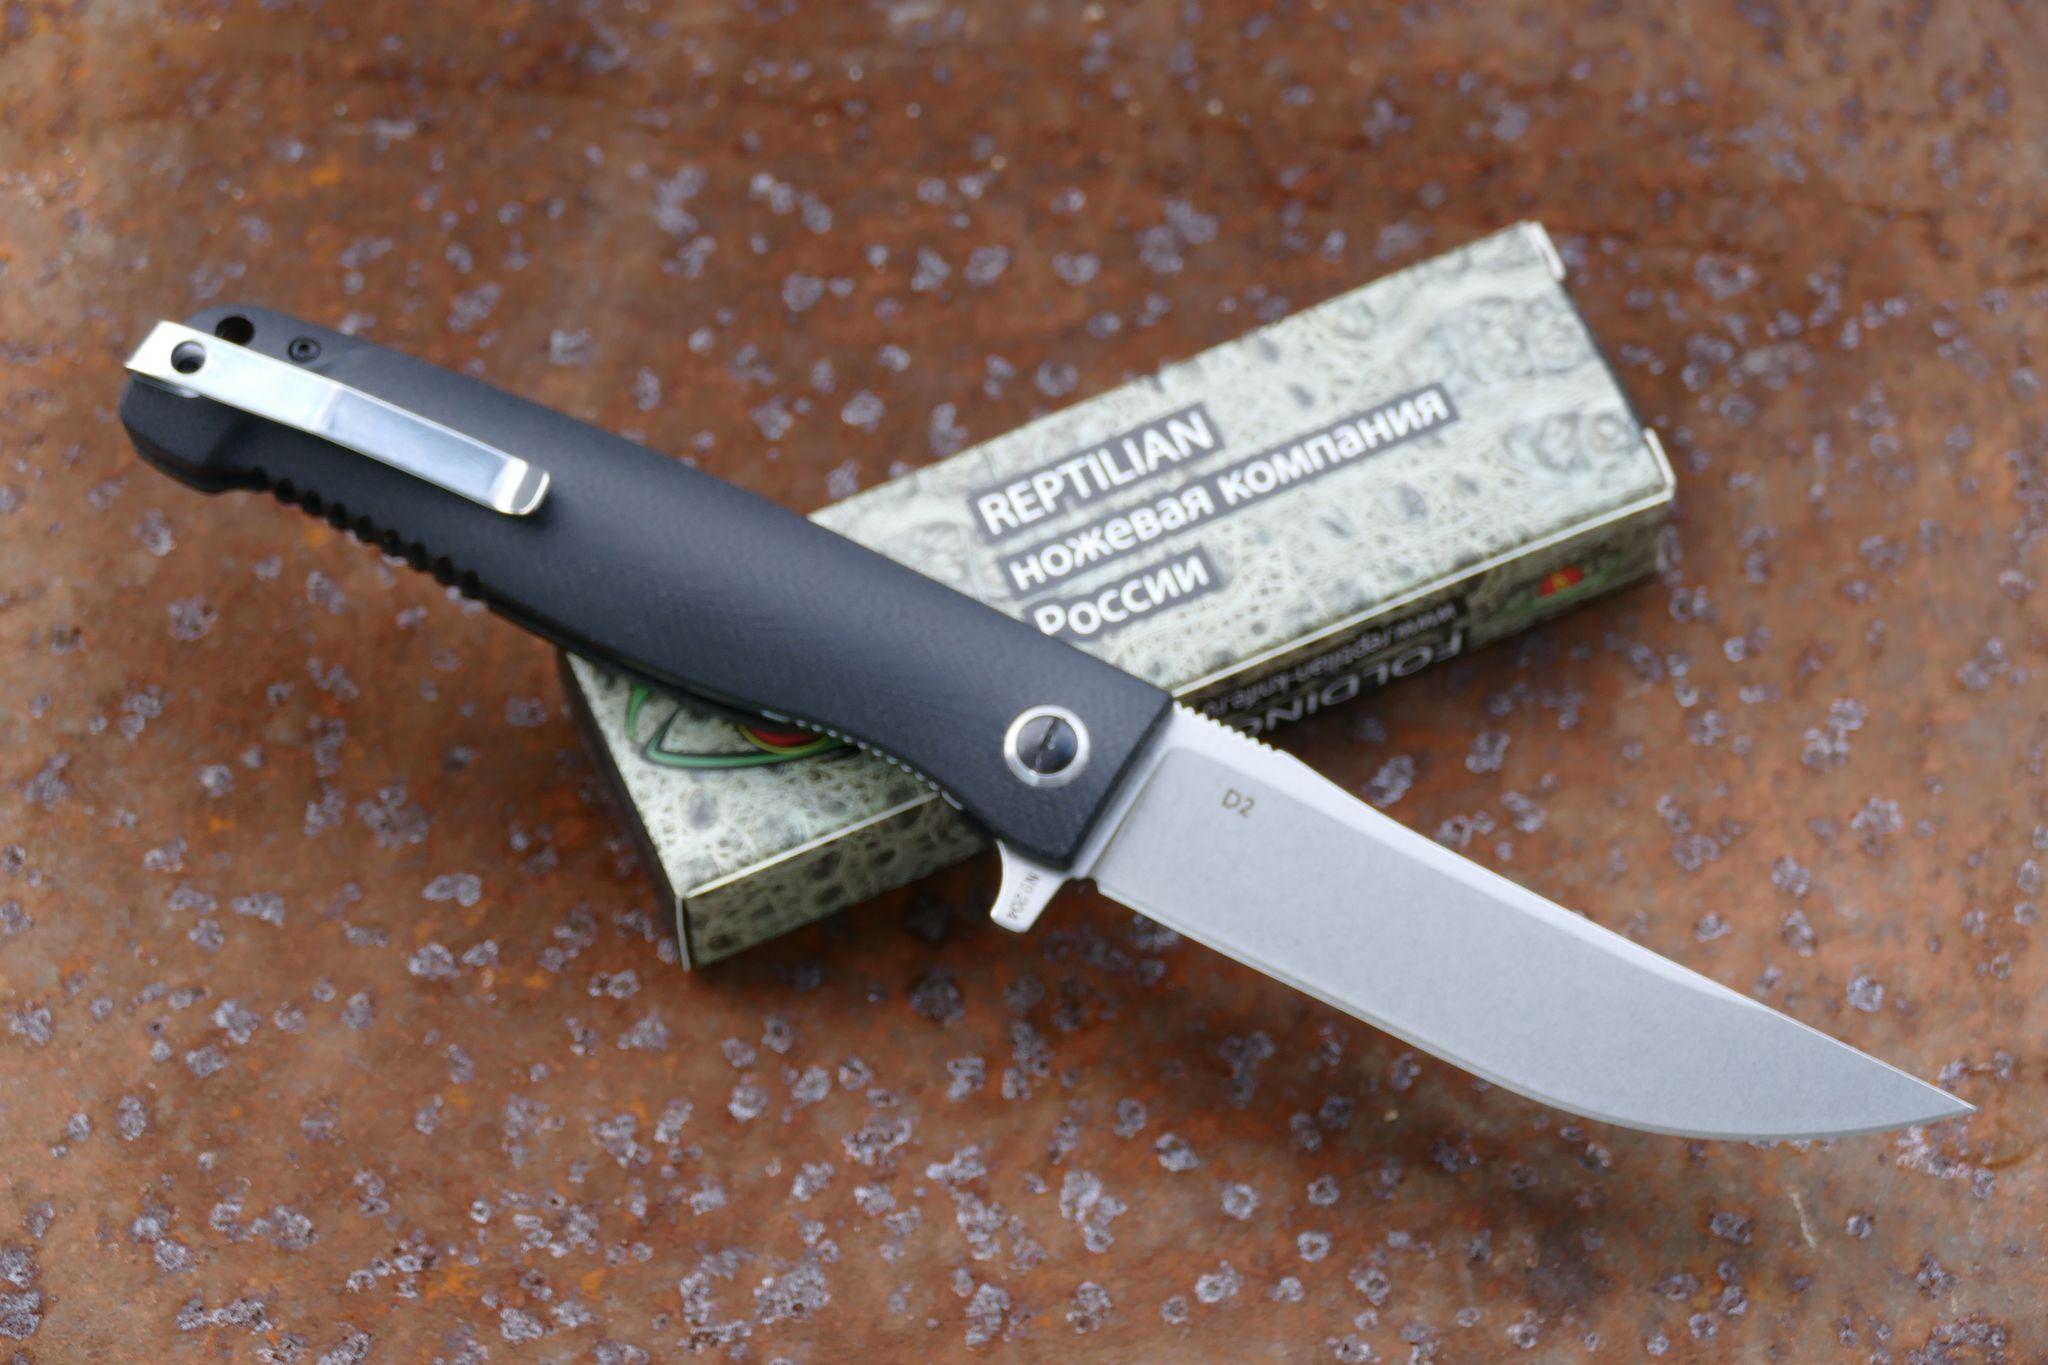 Фото 2 - Складной нож Карат 2 от Reptilian